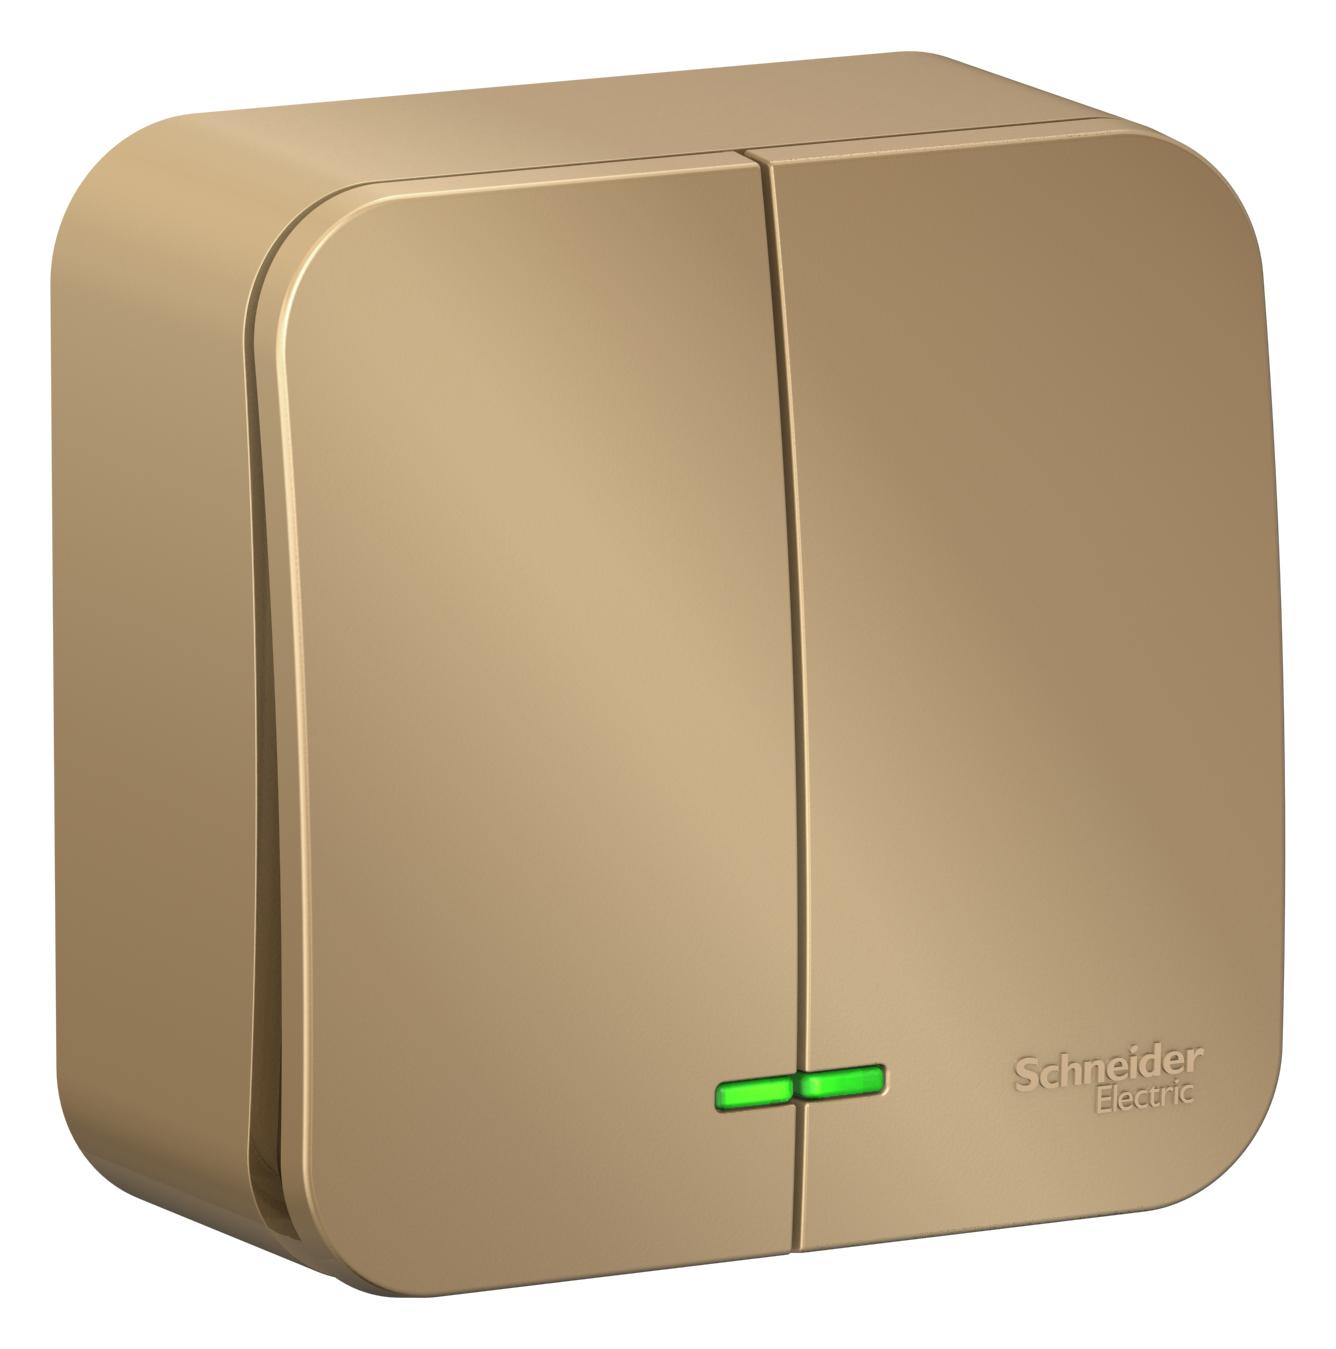 Выключатель Schneider electric Blnva105104 blanca выключатель gsl000497 schneider electric